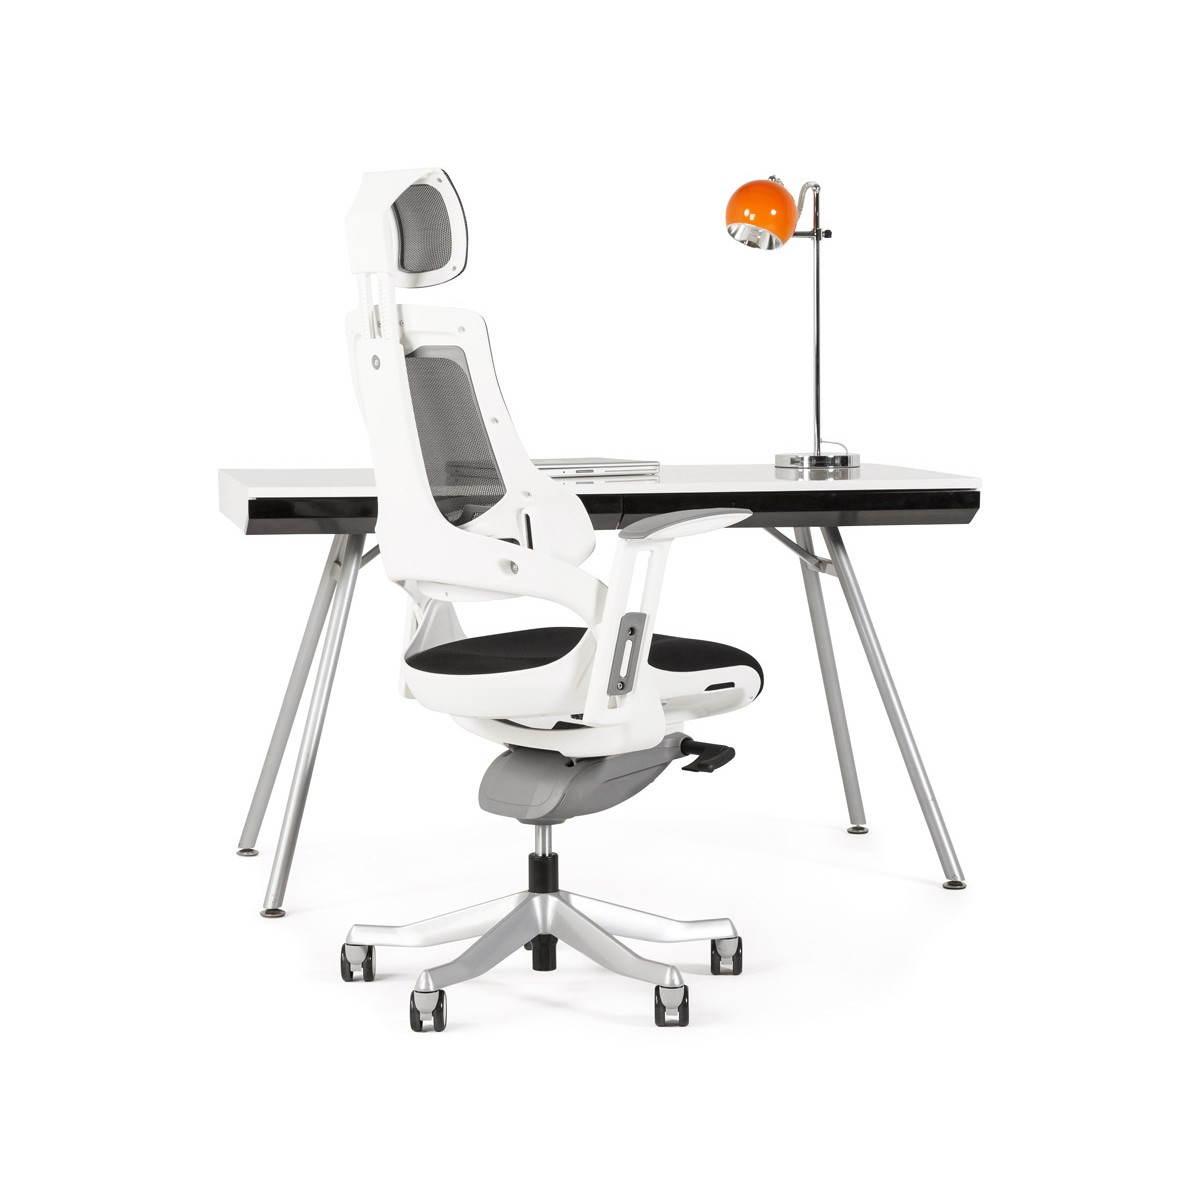 Bureau Design Bois Laque : Bureau design PALAOS en bois laqu? et m?tal peint (blanc) (English